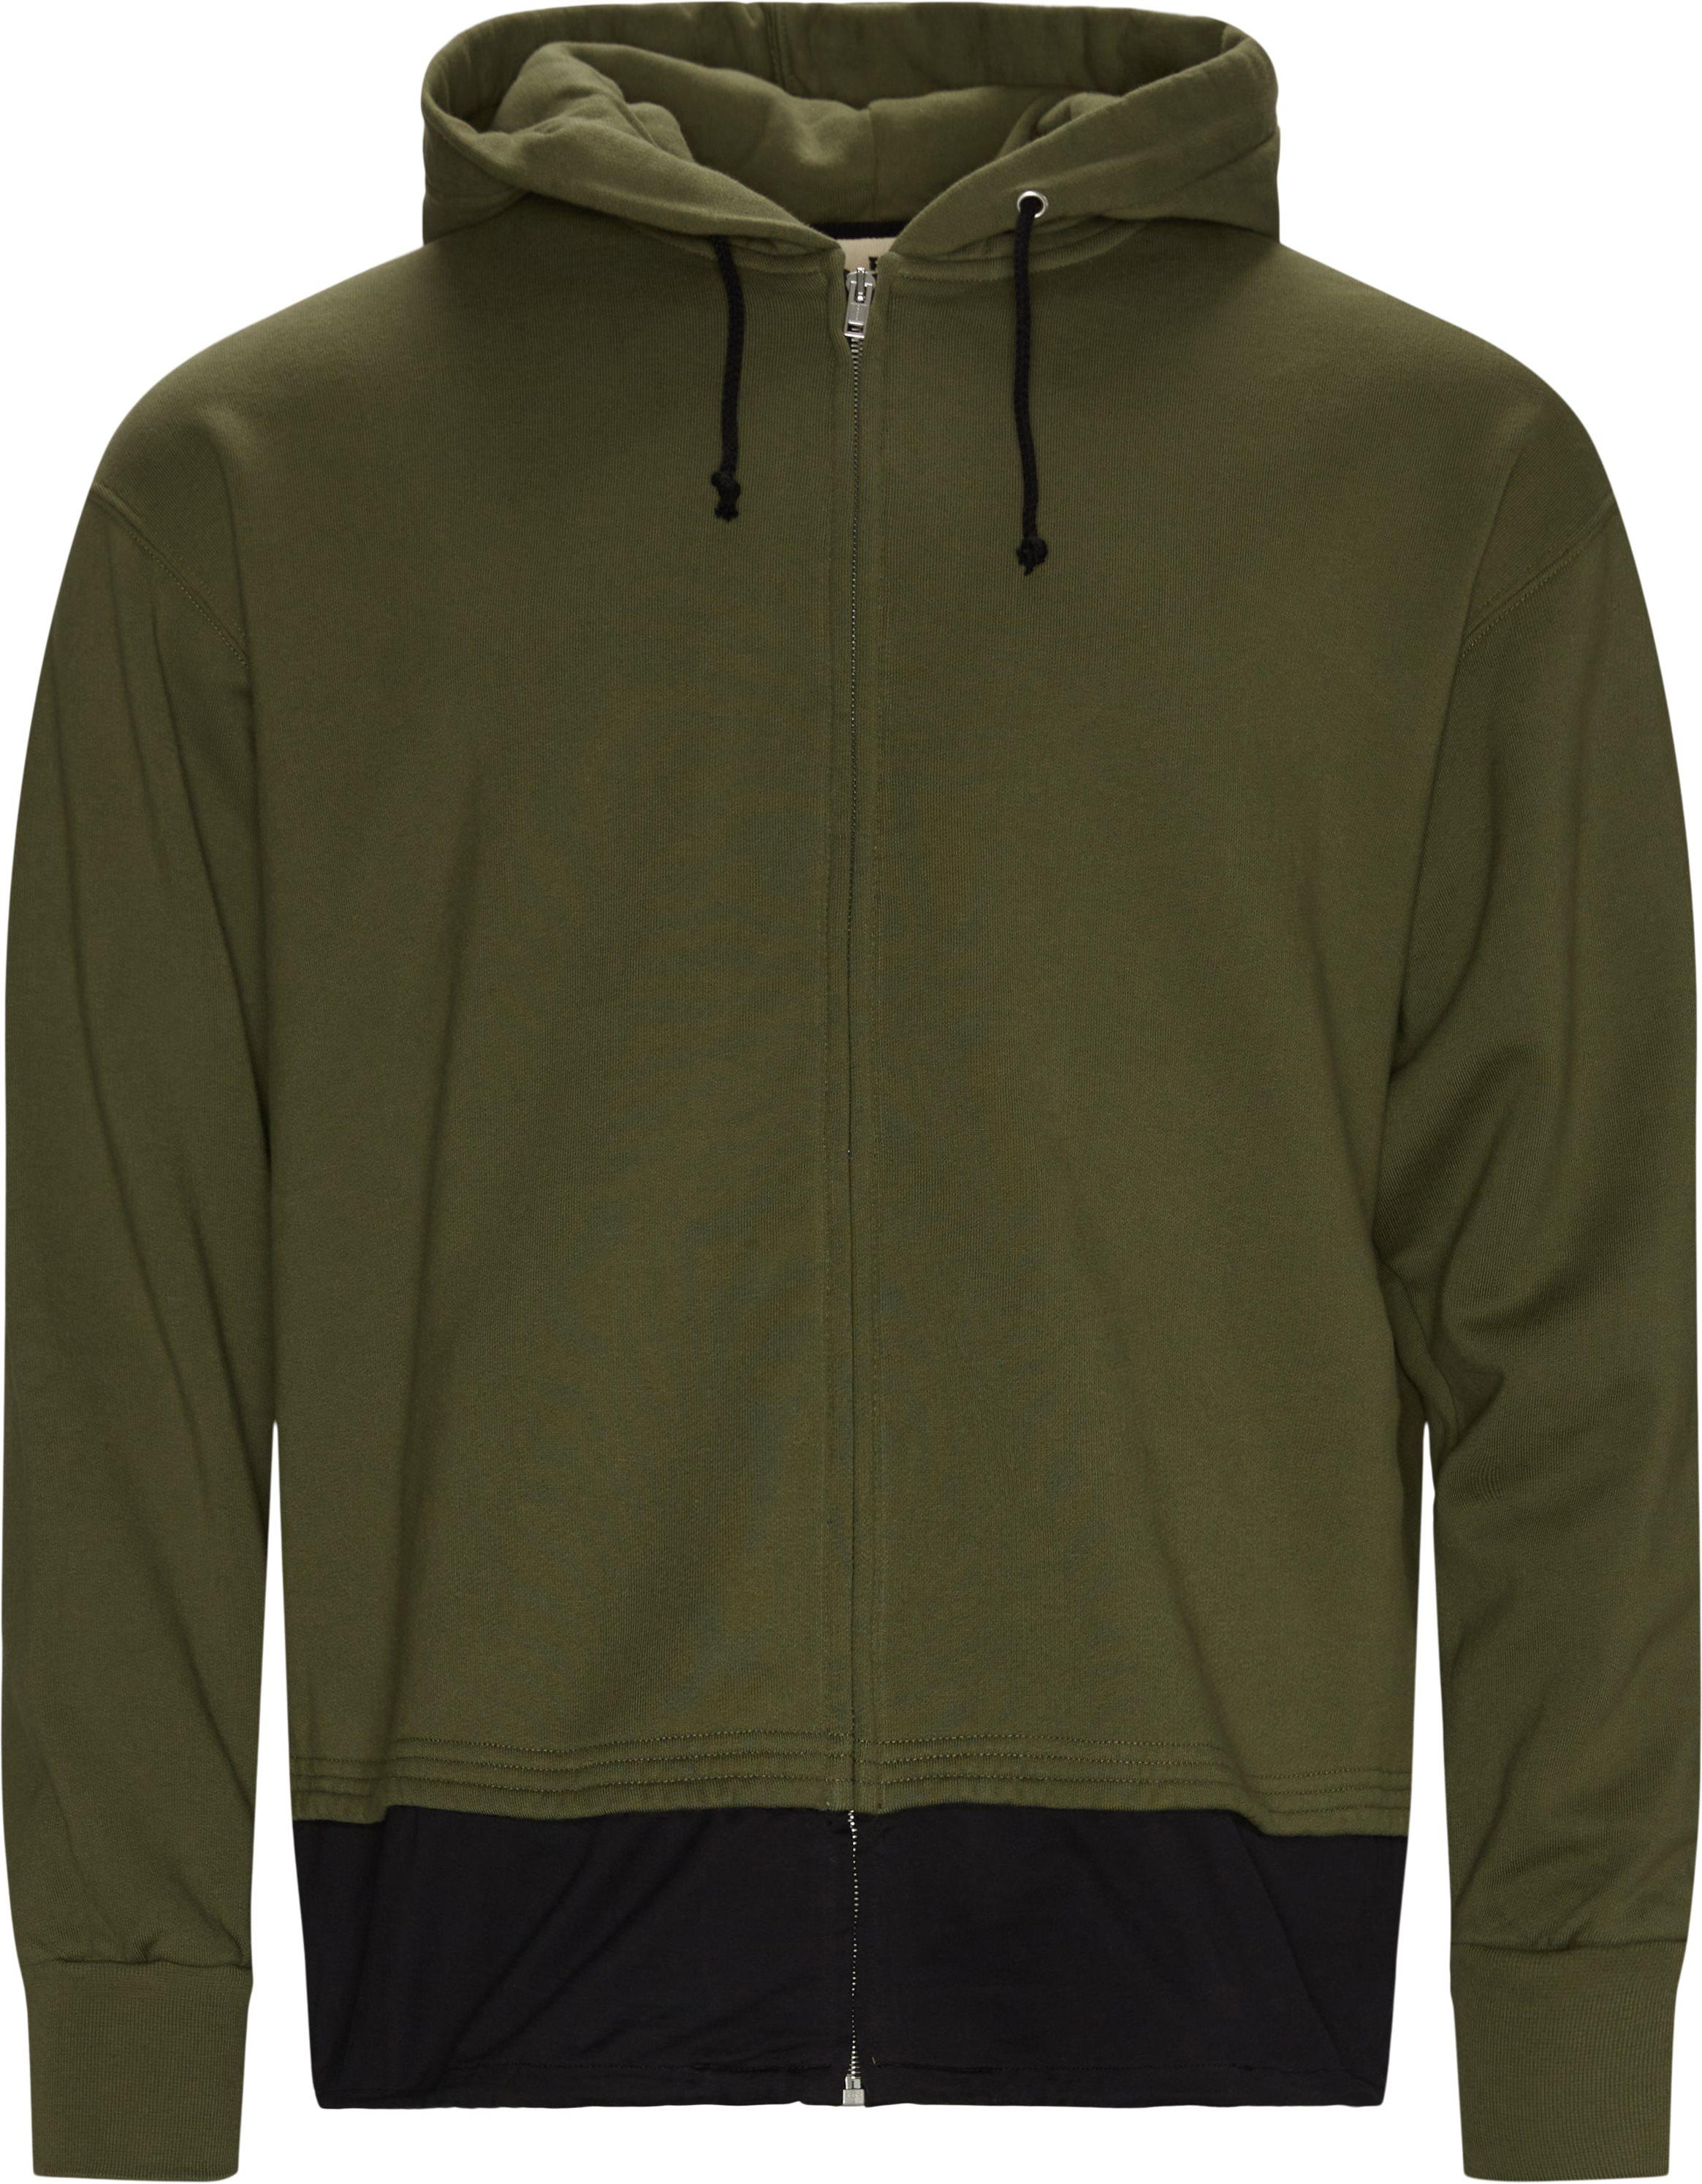 Logo Zip Hoodie - Sweatshirts - Loose fit - Army